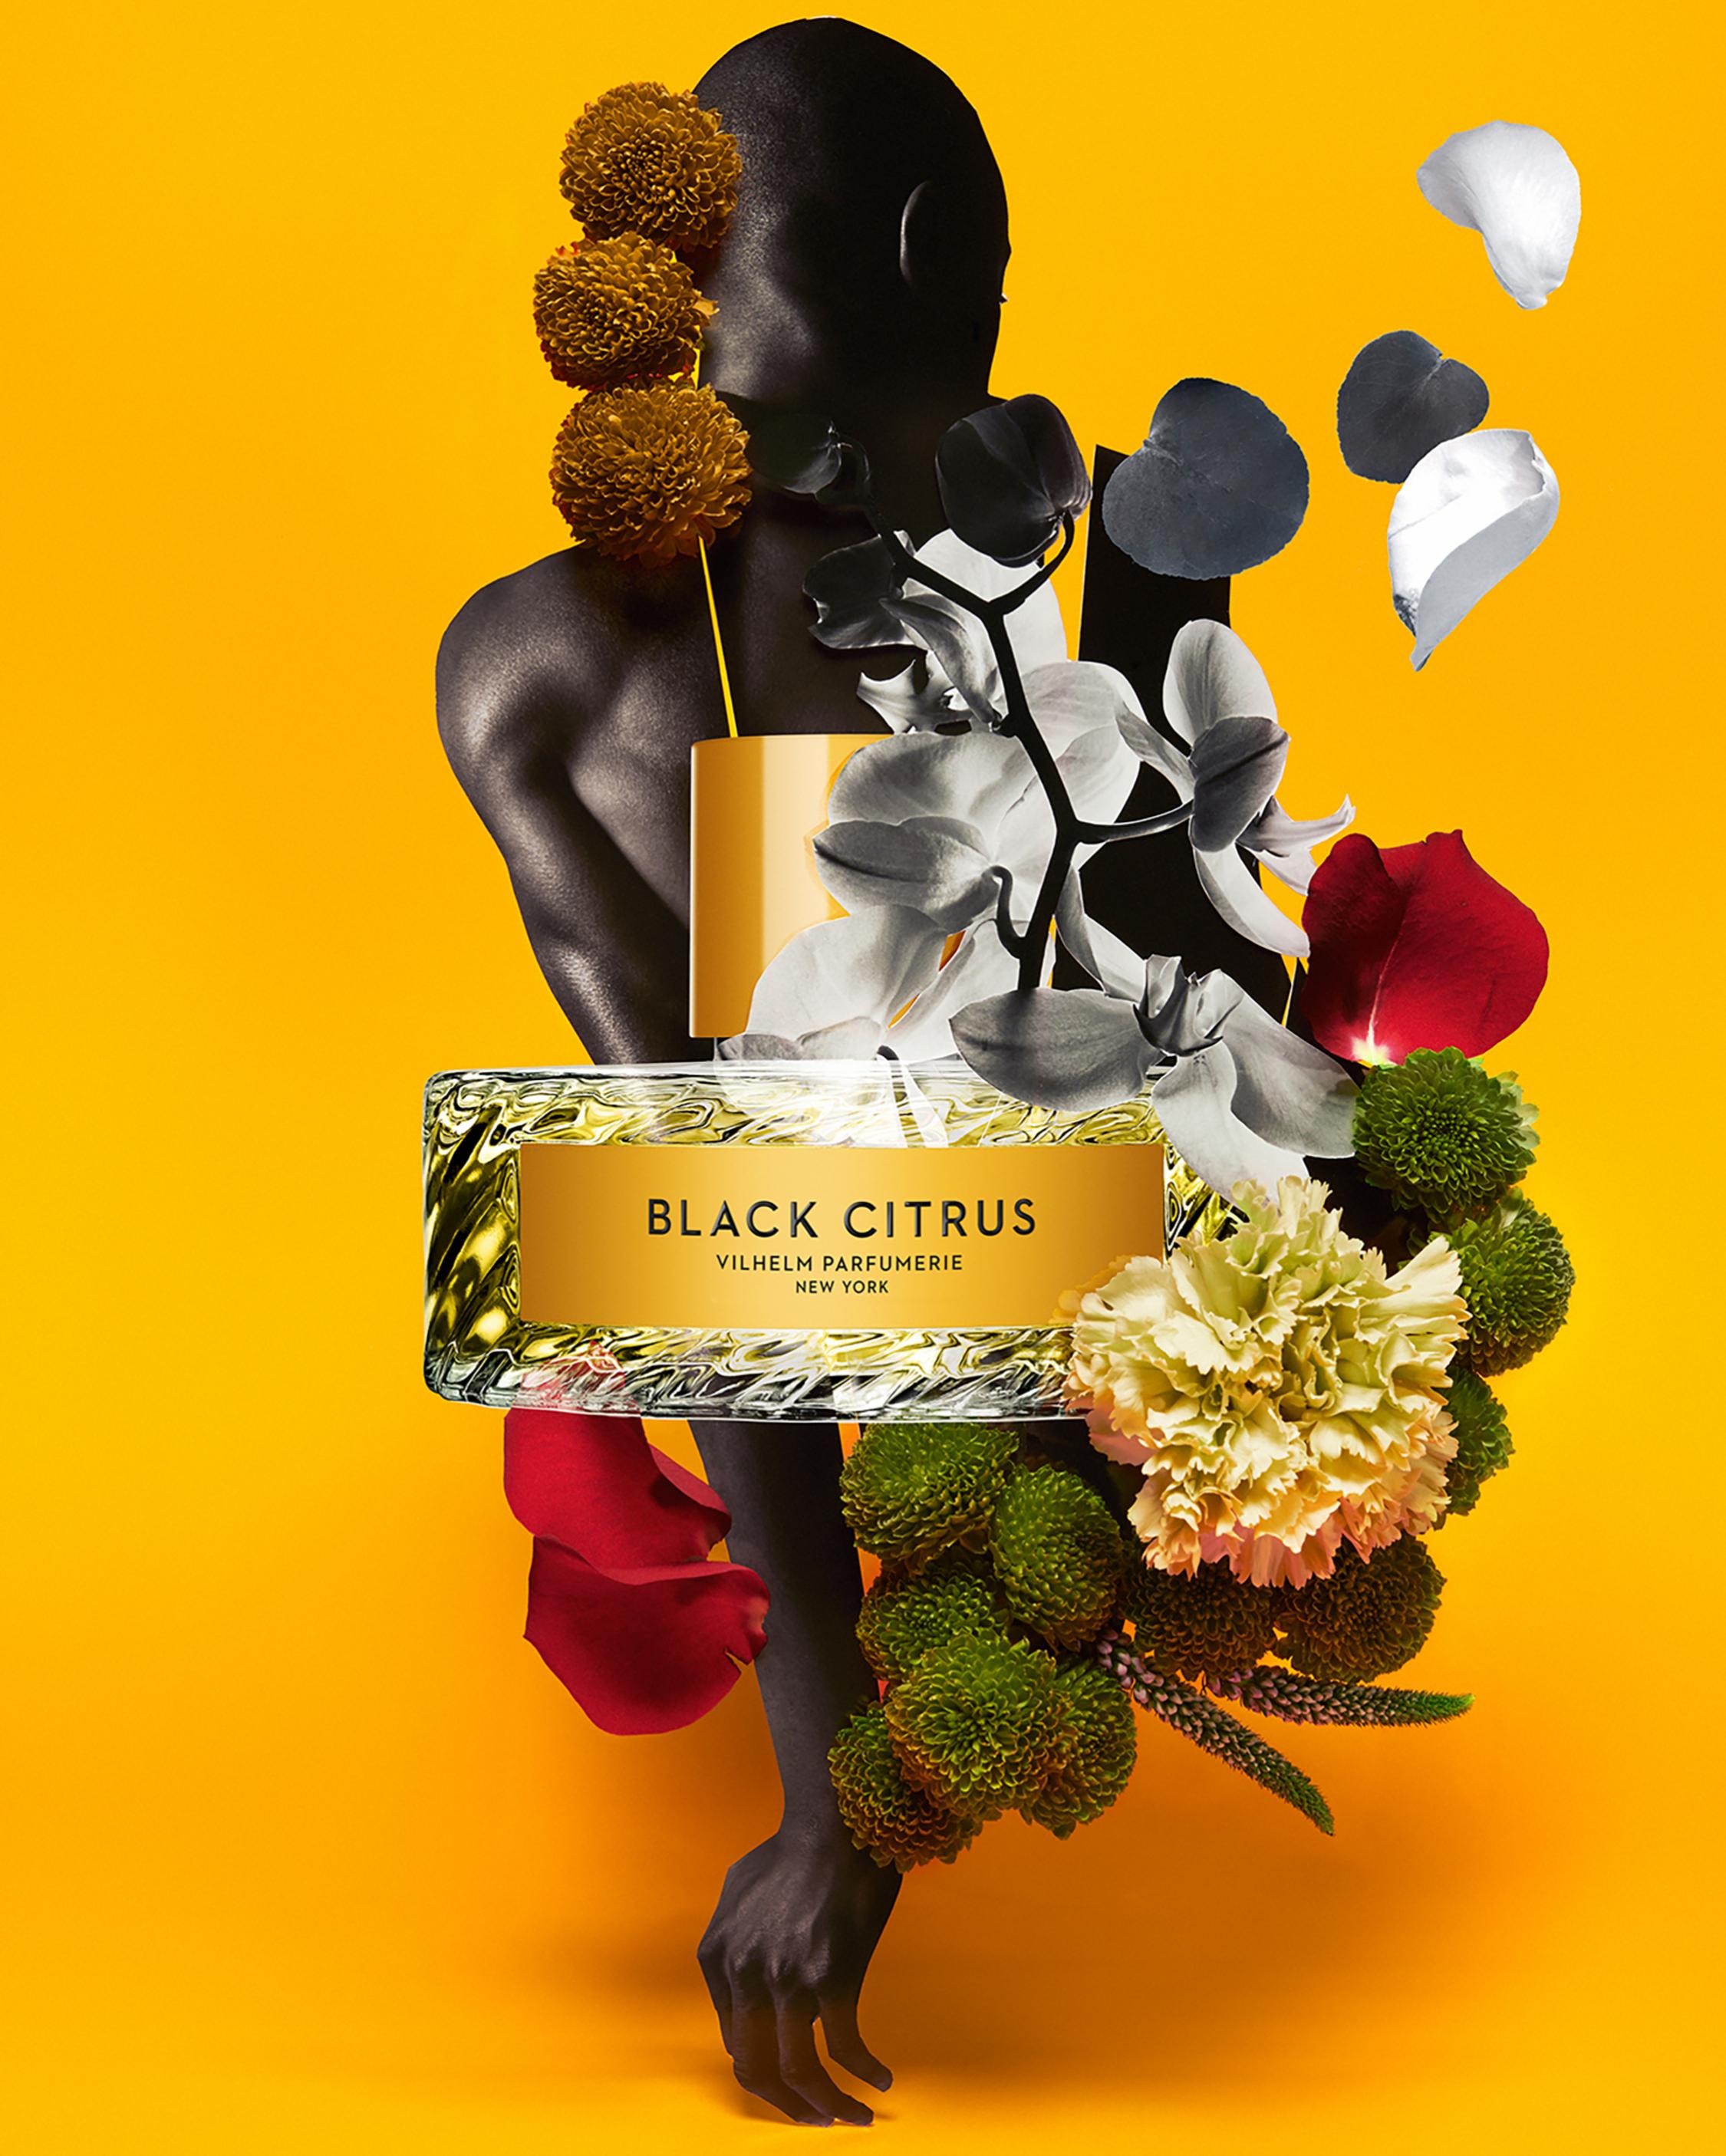 Vilhelm Perfumerie Black Citrus Eau de Parfum 100ml 2